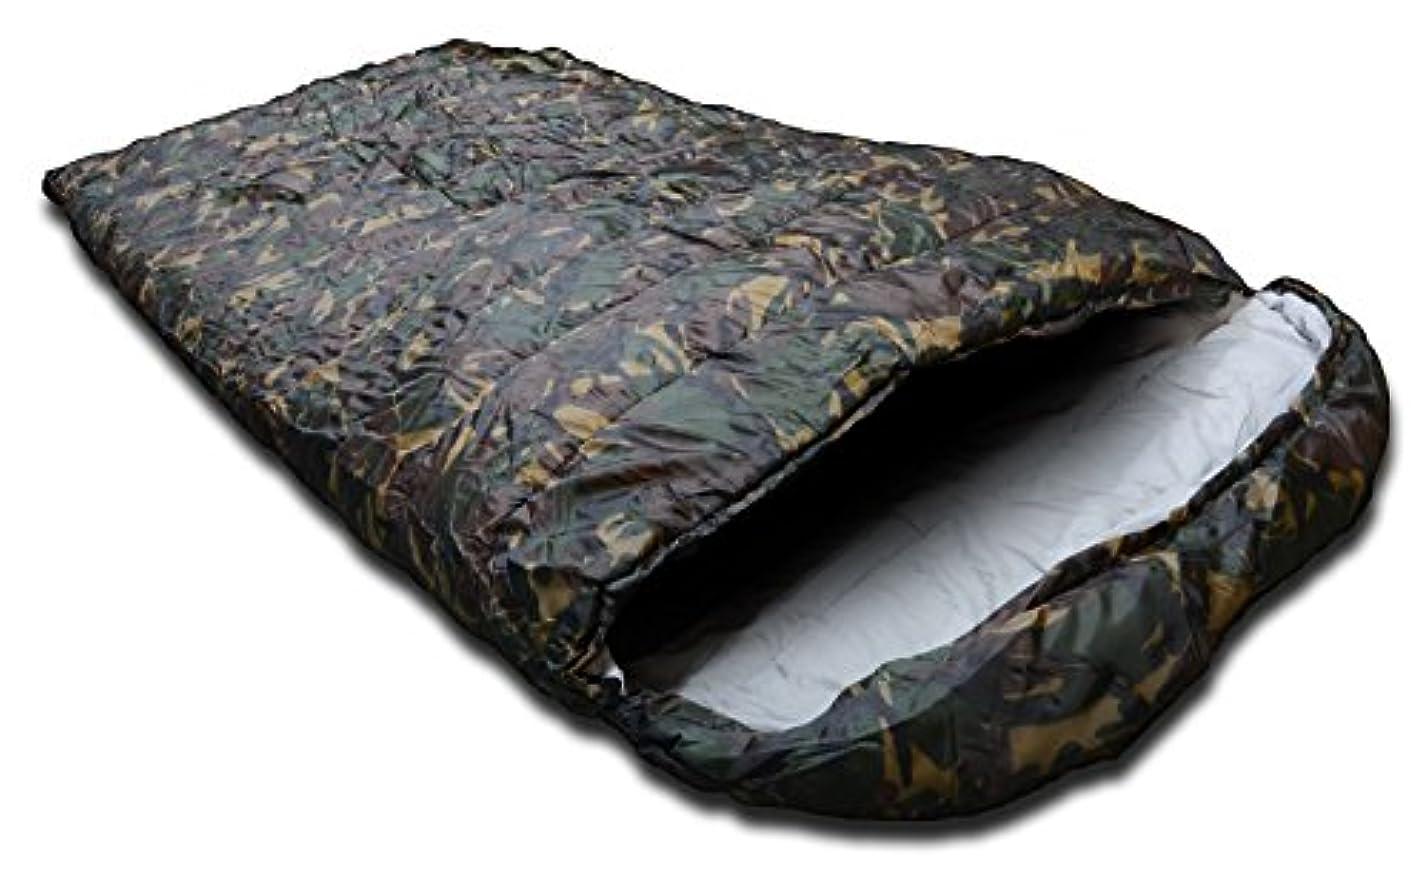 SEIKOH 寝袋 シュラフ 封筒型 洗える寝袋 耐寒温度-12℃ 迷彩 カモフラ 収納袋付き